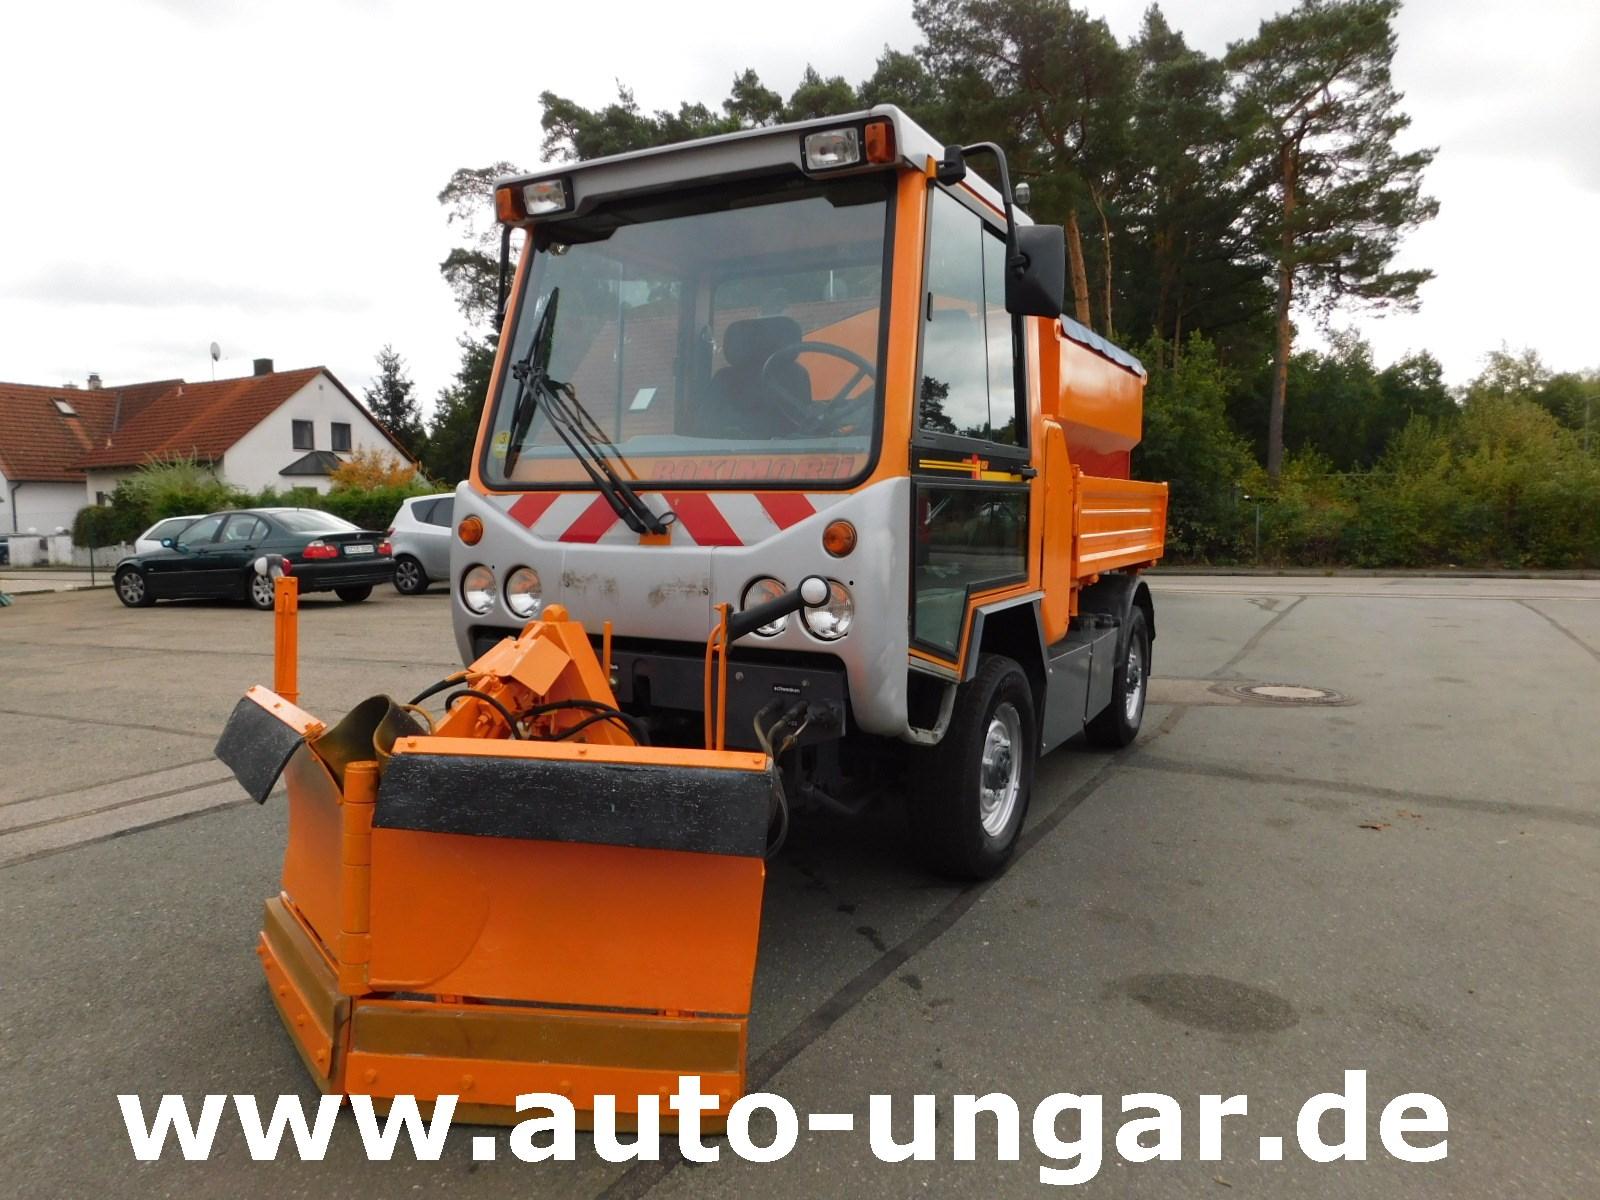 Etwas Neues genug Auto Ungar-Kommunalfahrzeuge,Feuerwehrfahrzeuge,Kehrmaschinen @TA_49